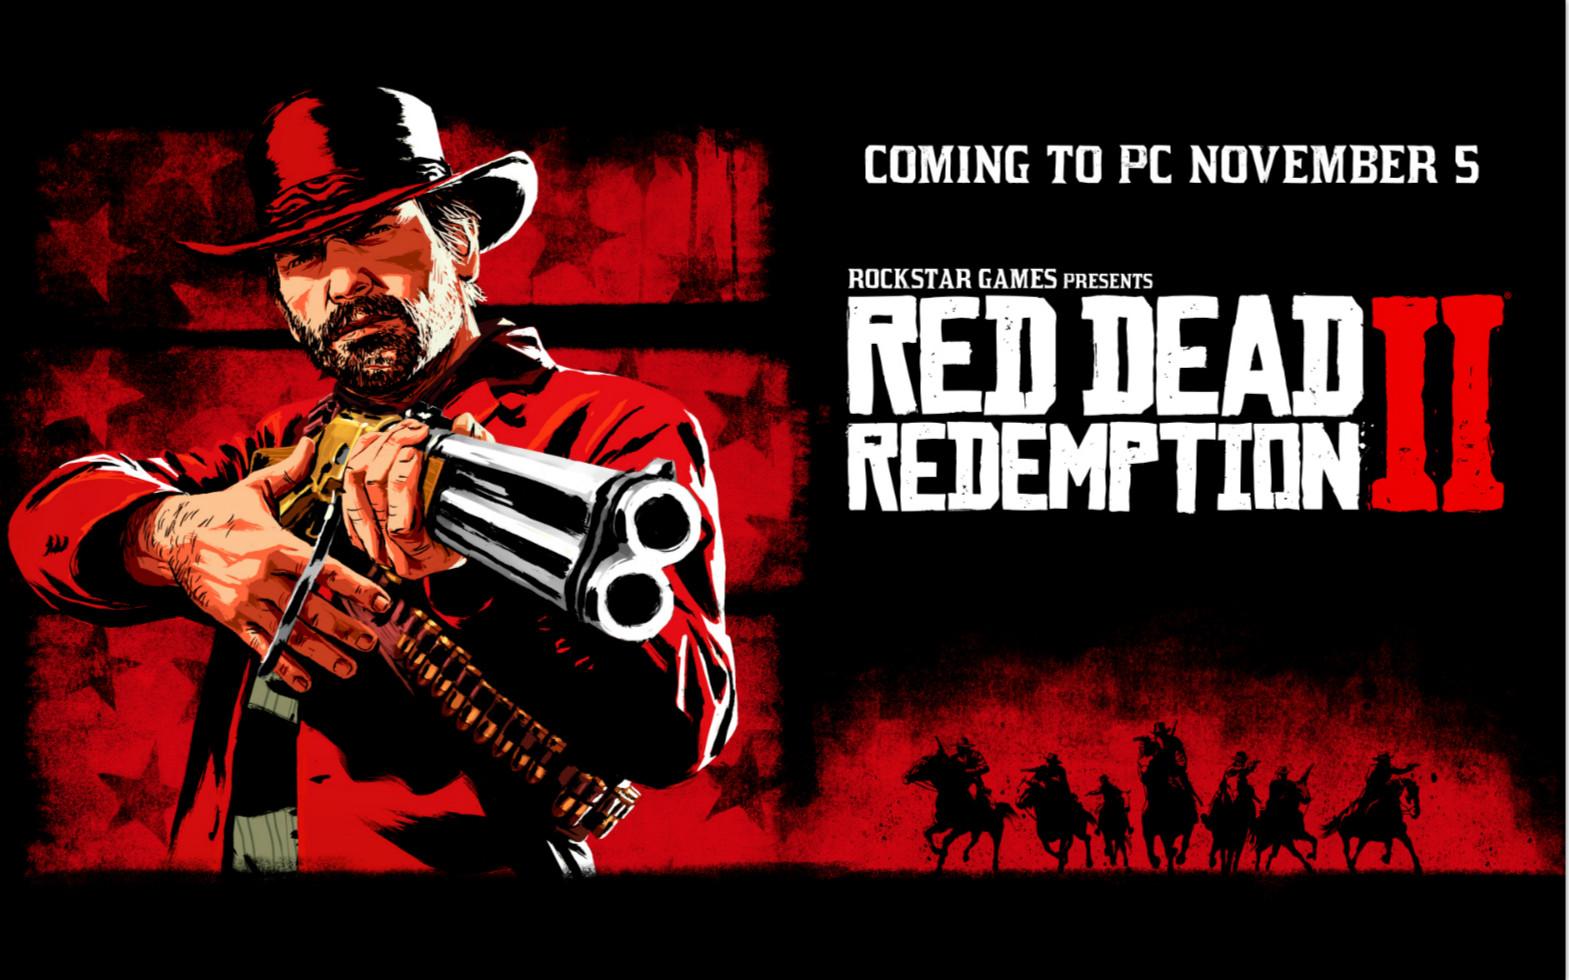 千呼万唤始出来!《荒野大镖客:救赎2》将于今年11月5日登陆PC平台